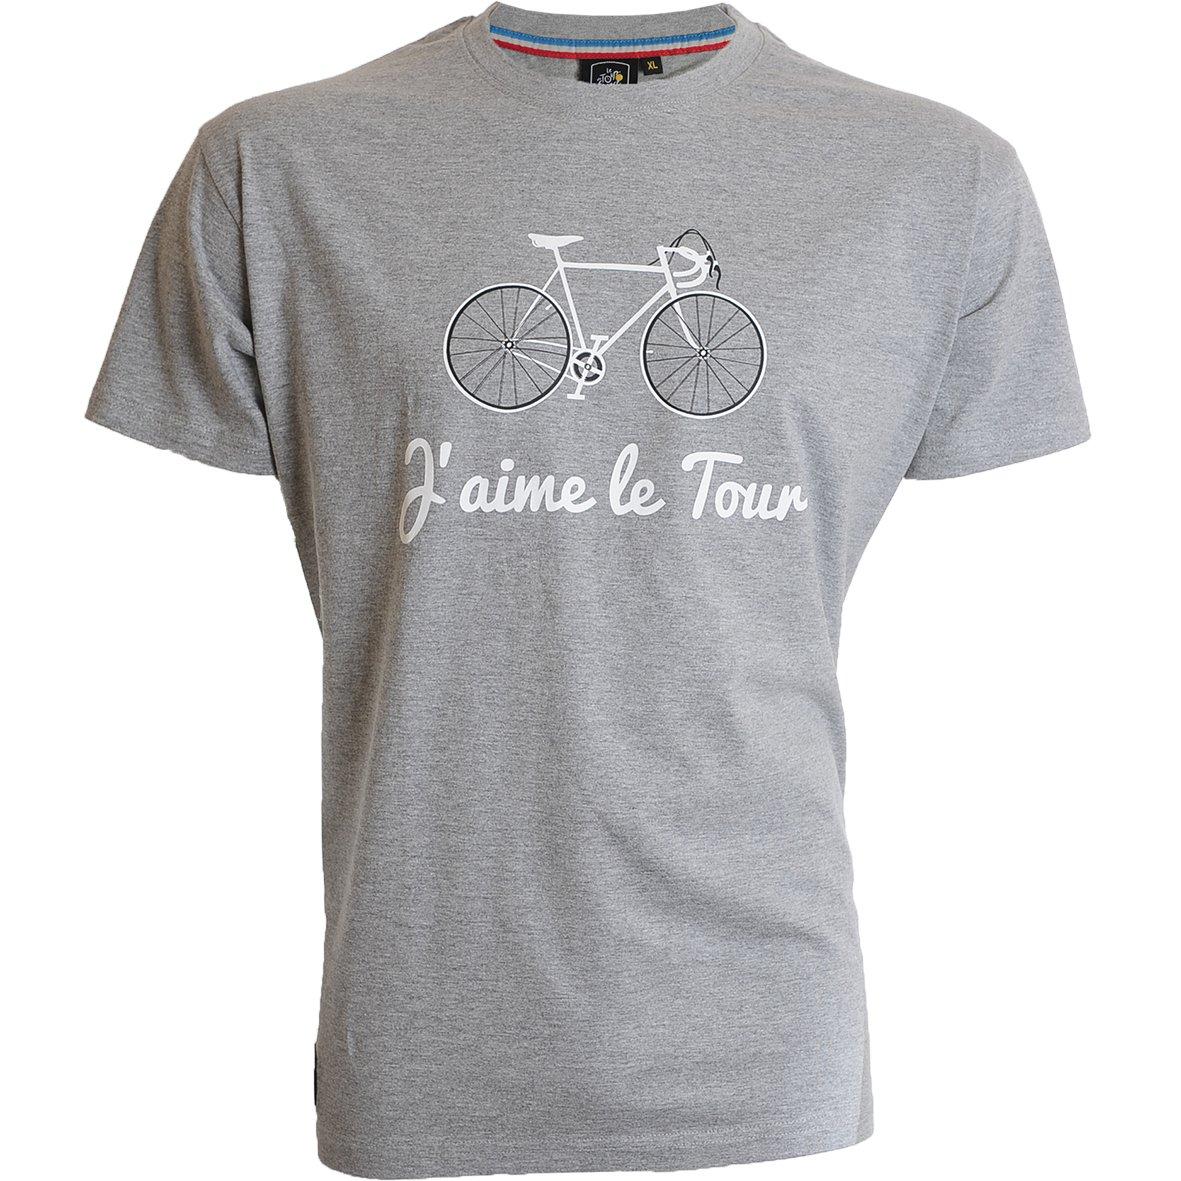 Tour de France Tdf-Sa-3096, T-Shirt Unisex Adulto HOM1W #Holisport